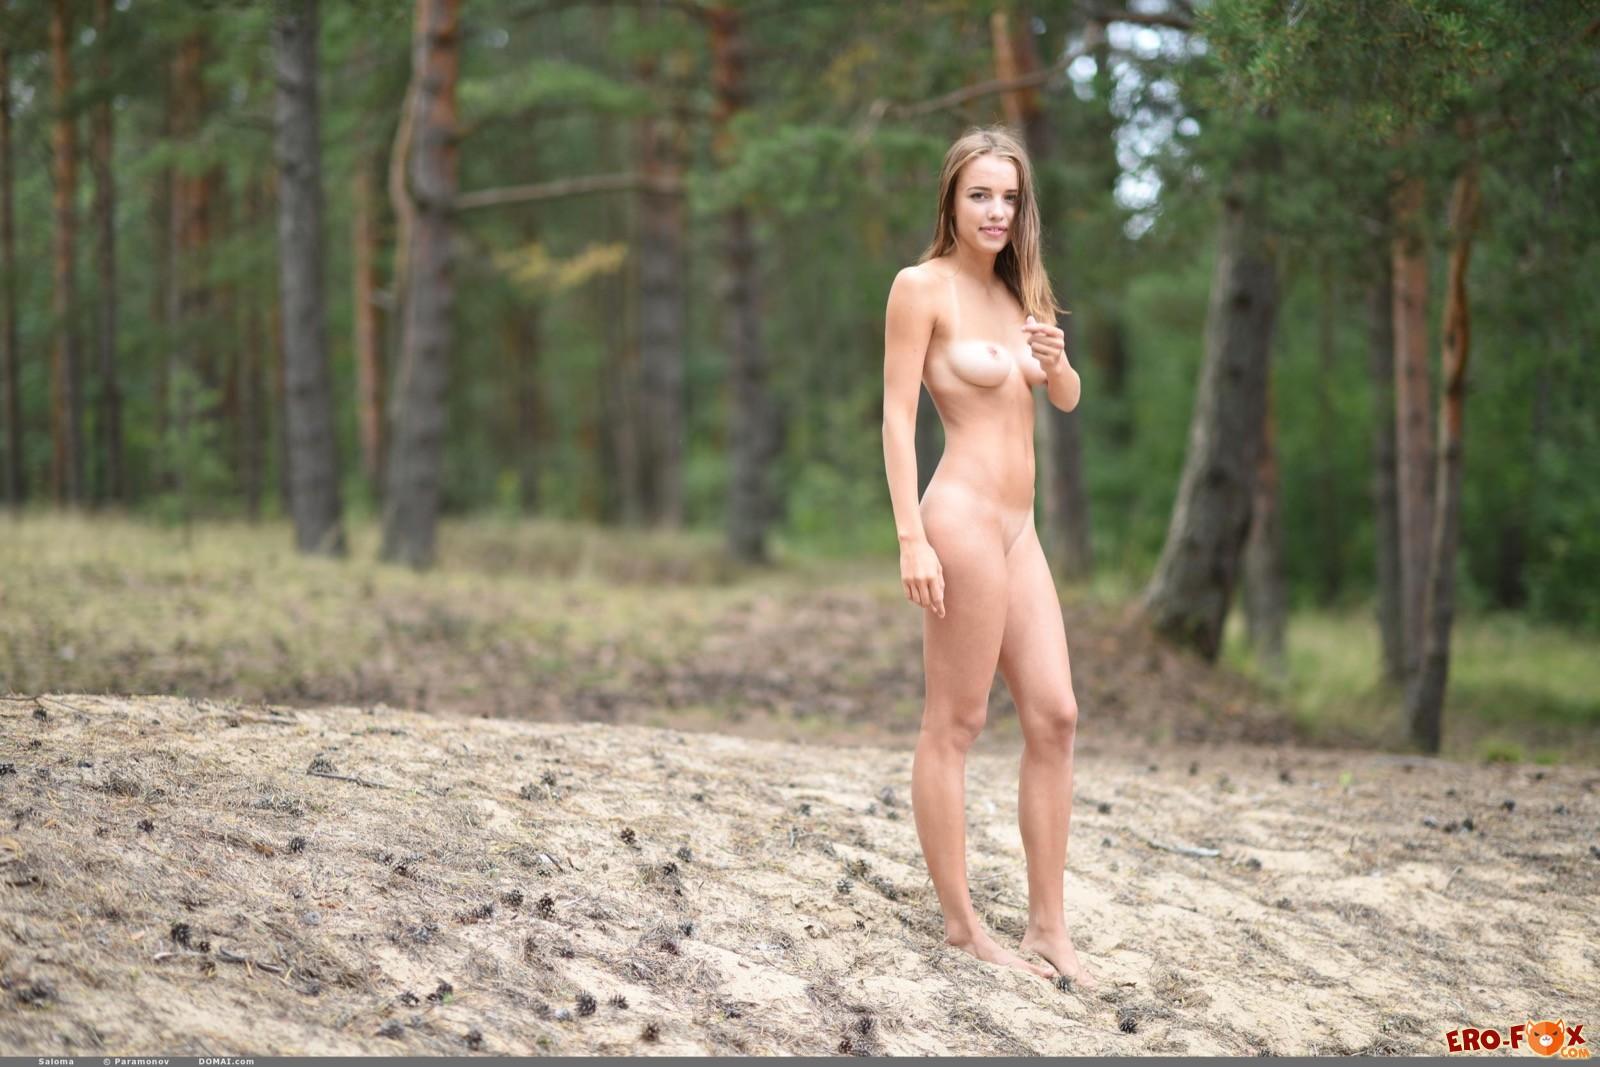 Худенькая девушка с подтянутой грудью гуляет по лесу